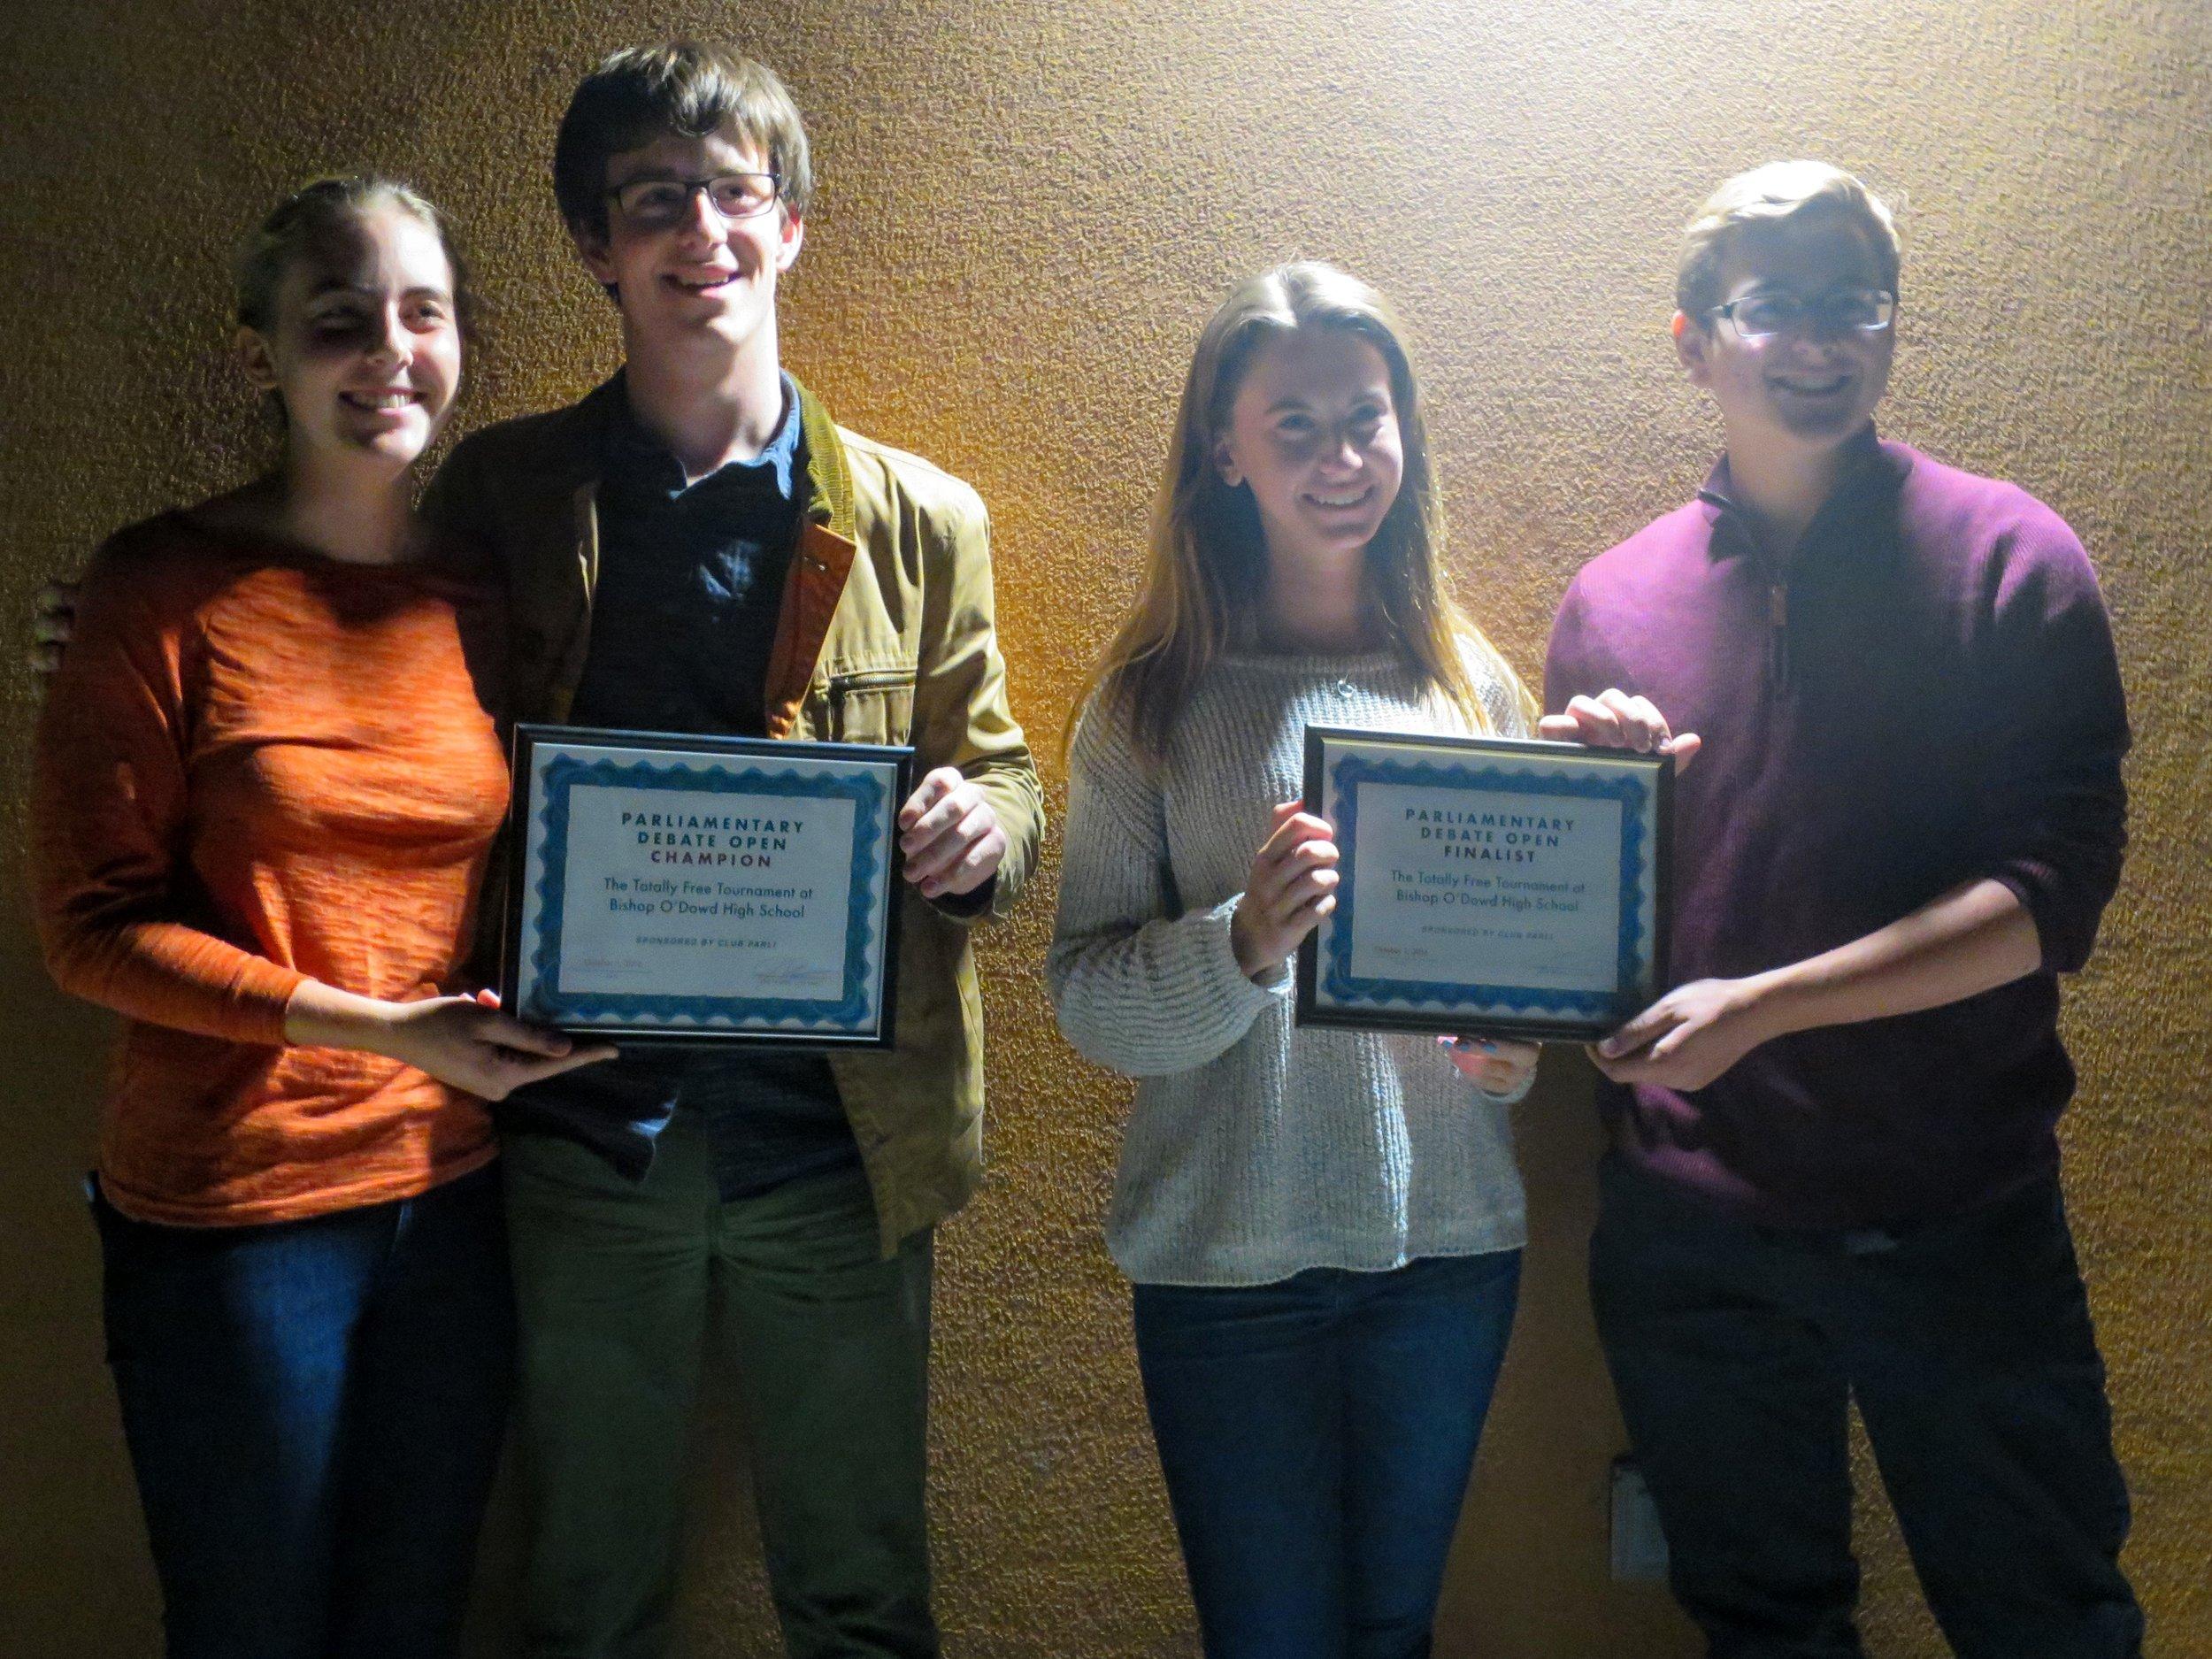 Finalists Los Altos / Notre Dame Dembner & Hackworth (l) and Bentley Partsuf & Rubsamen (r)